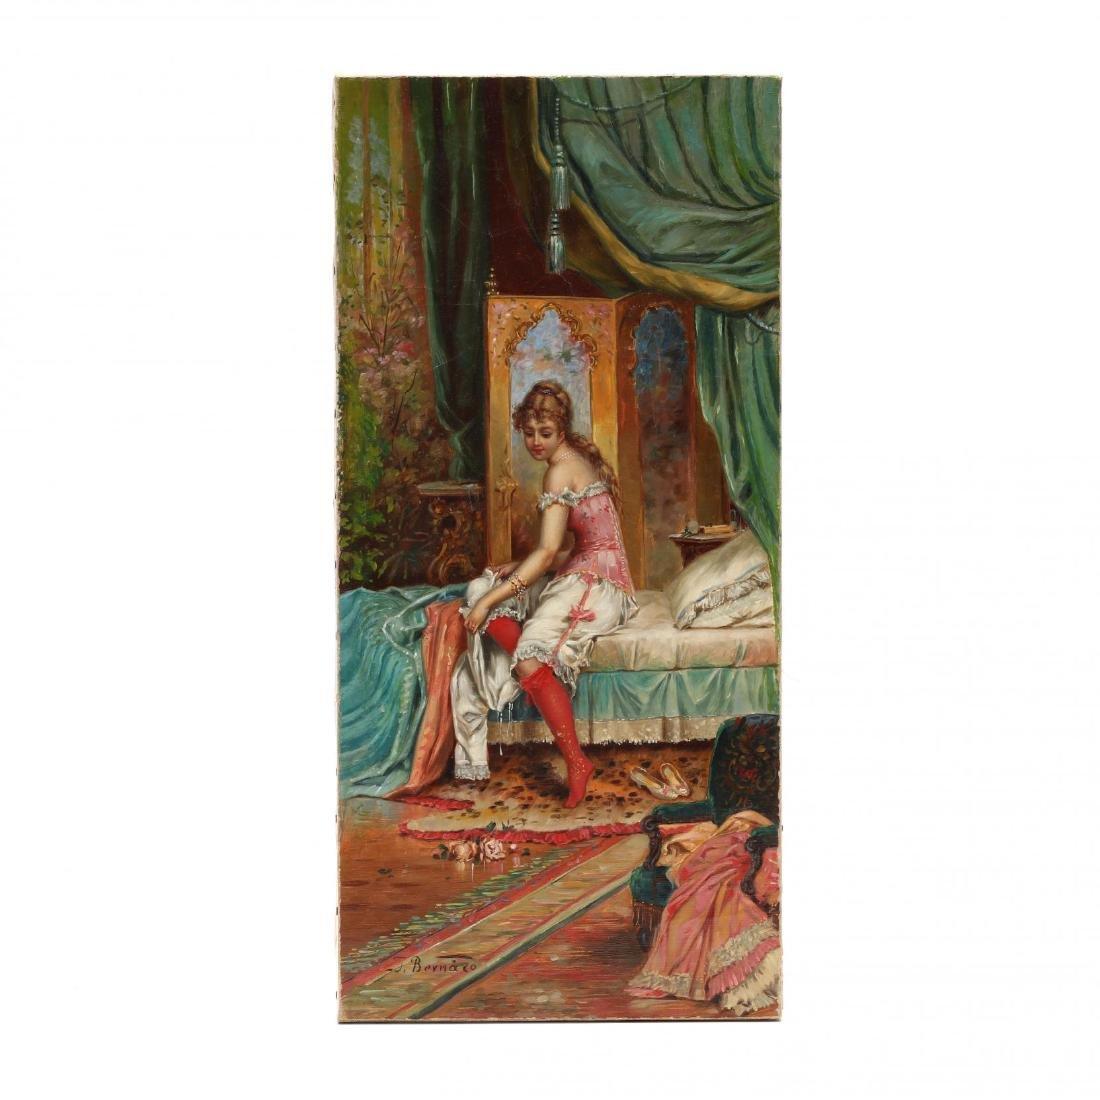 Hans Zatzka (Austrian, 1859-1945), Boudoir Scene